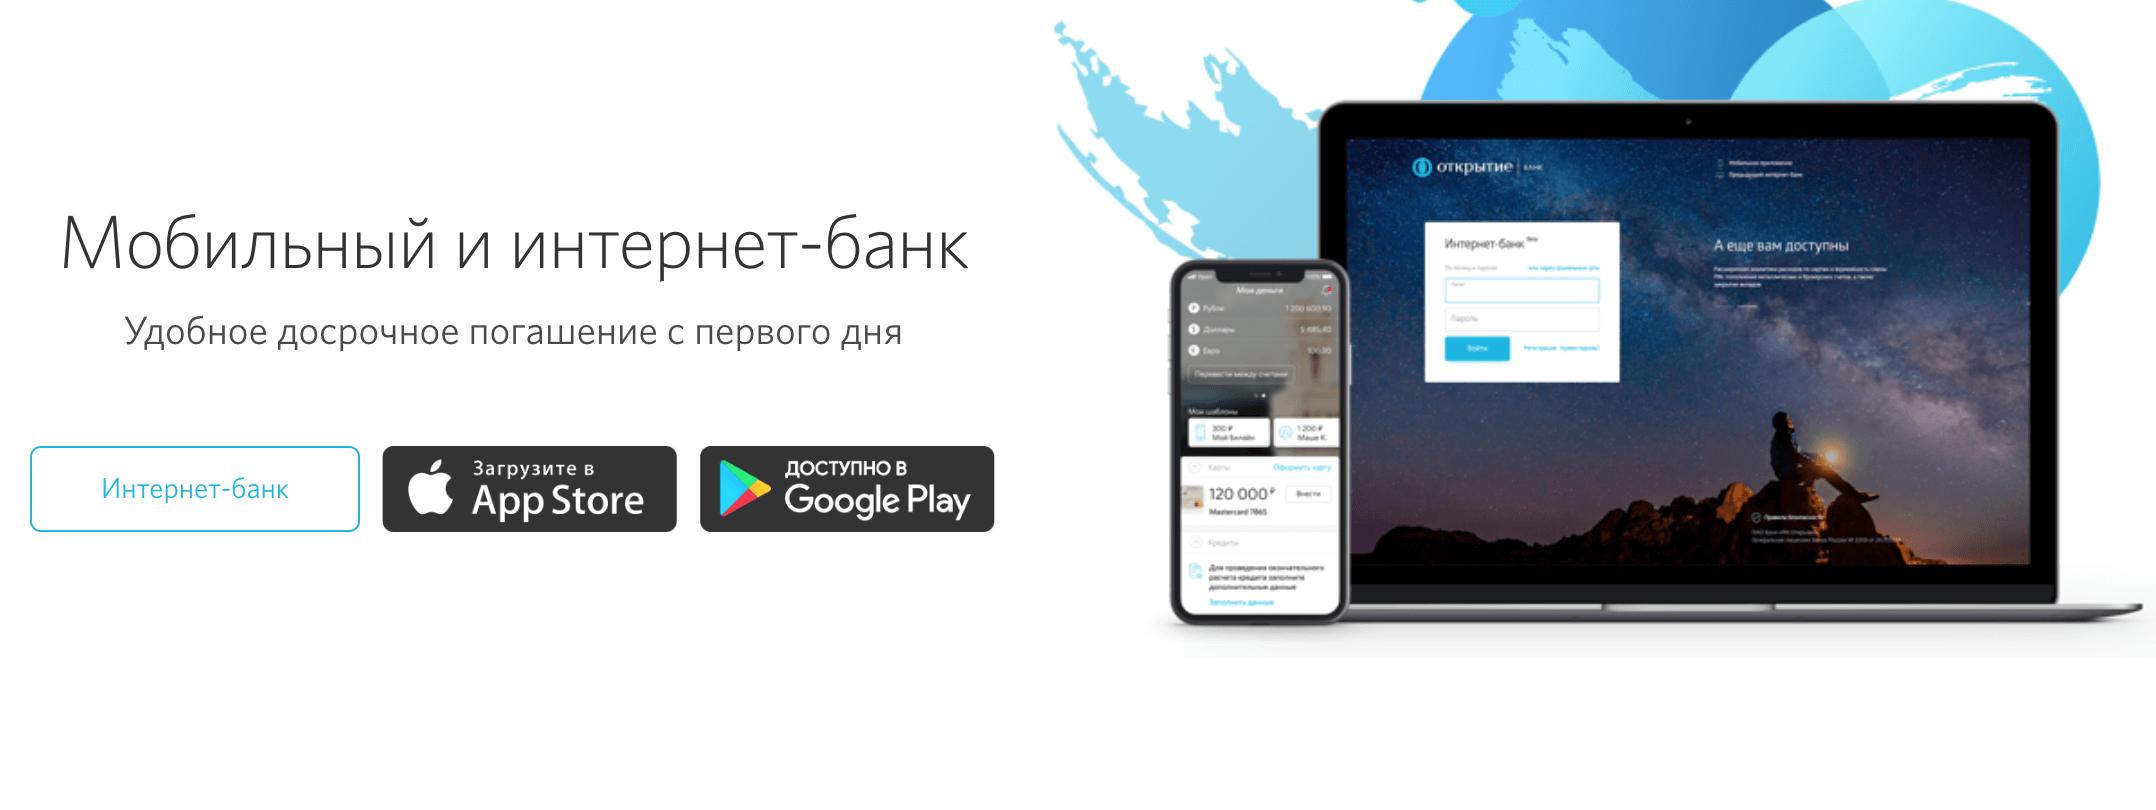 Подать заявку на кредит в открытие онлайн заявка на кредит наличными